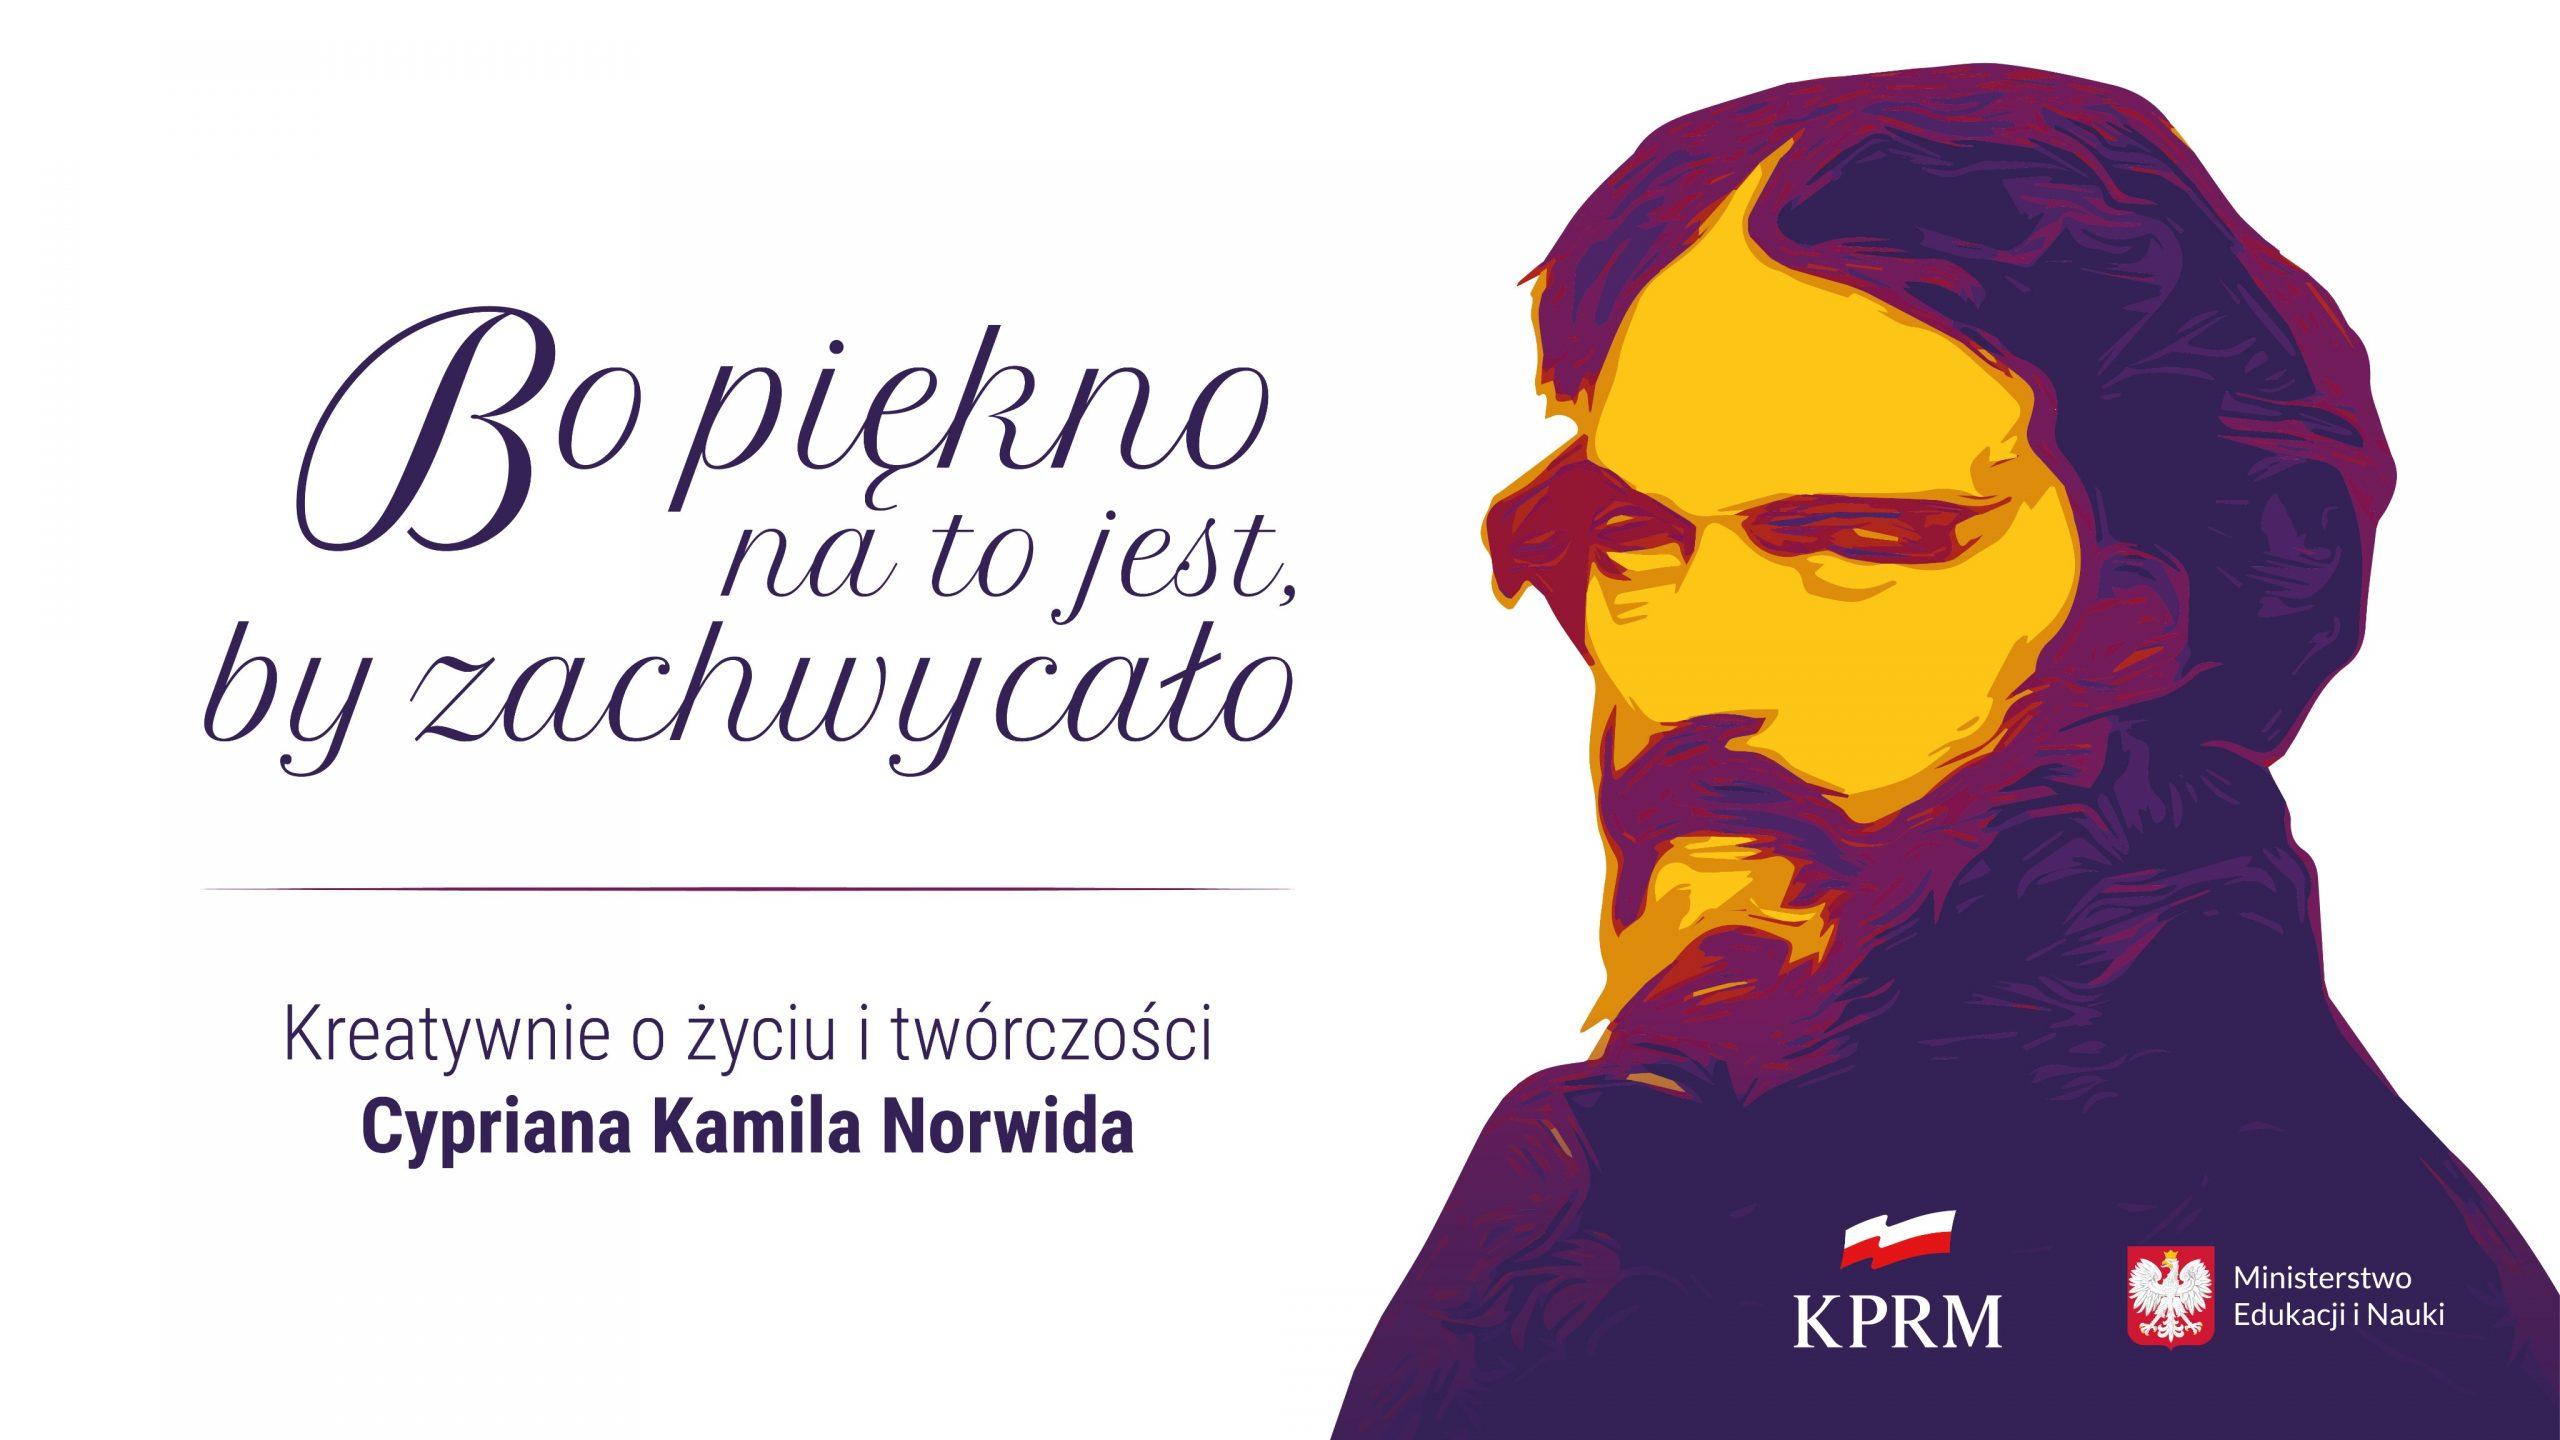 """Grafika z tekstem: """"Bo piękno na to jest, by zachwycało. Kreatywnie o życiu i twórczości Cypriana Kamila Norwida"""". Po prawej stronie obraz z wizerunkiem C.K. Norwida"""